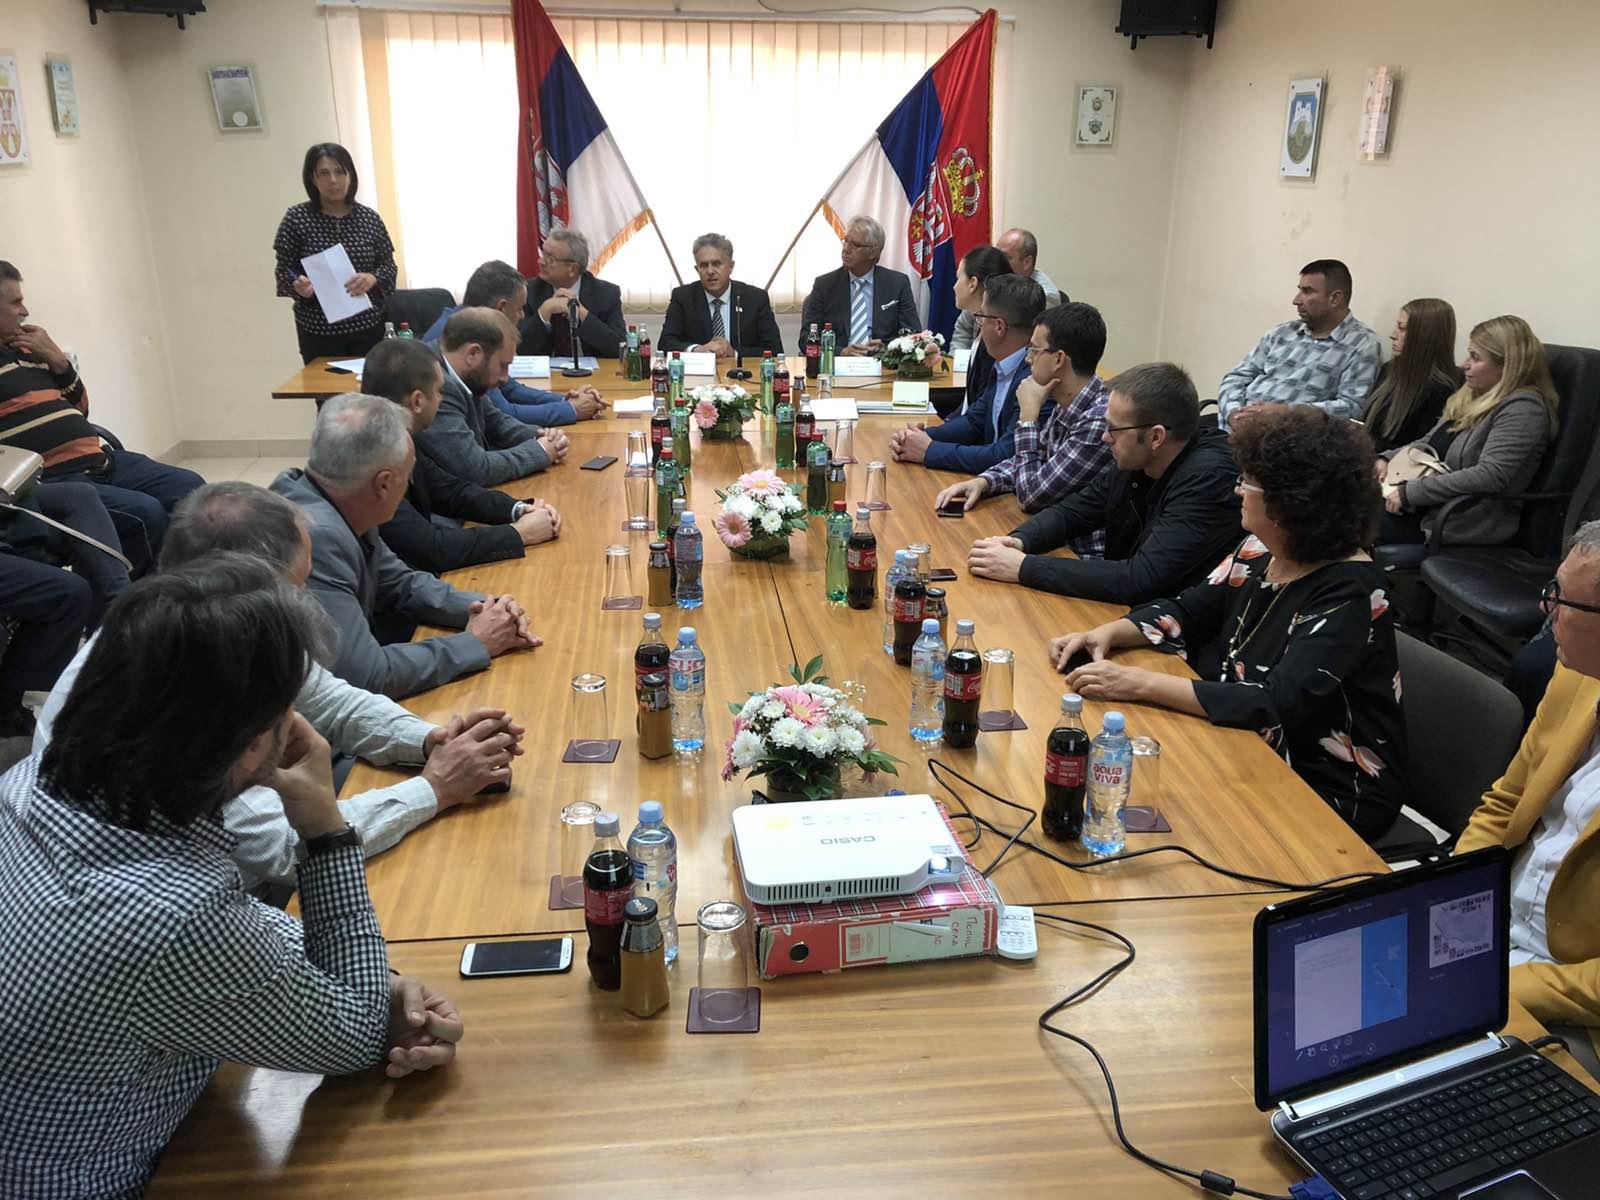 Sastanak u SO Svrljig, foto: M.M.